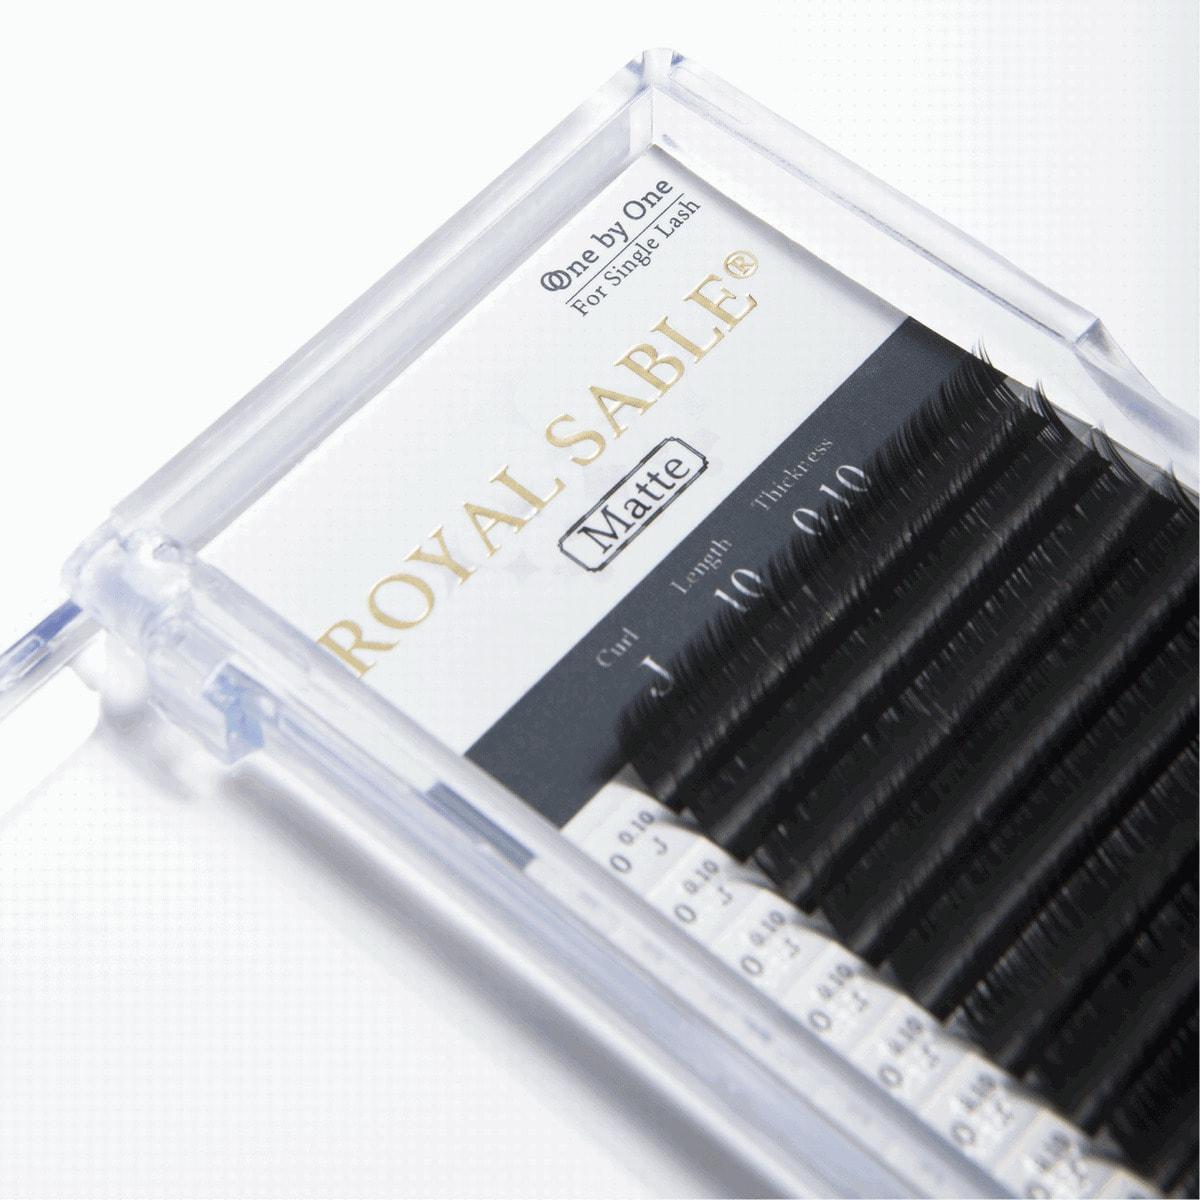 0ed8ef80834 ROYAL SABLE[Jカール太さ0.10長さ6-15MIX]の卸・通販 | アイラッシュ ...